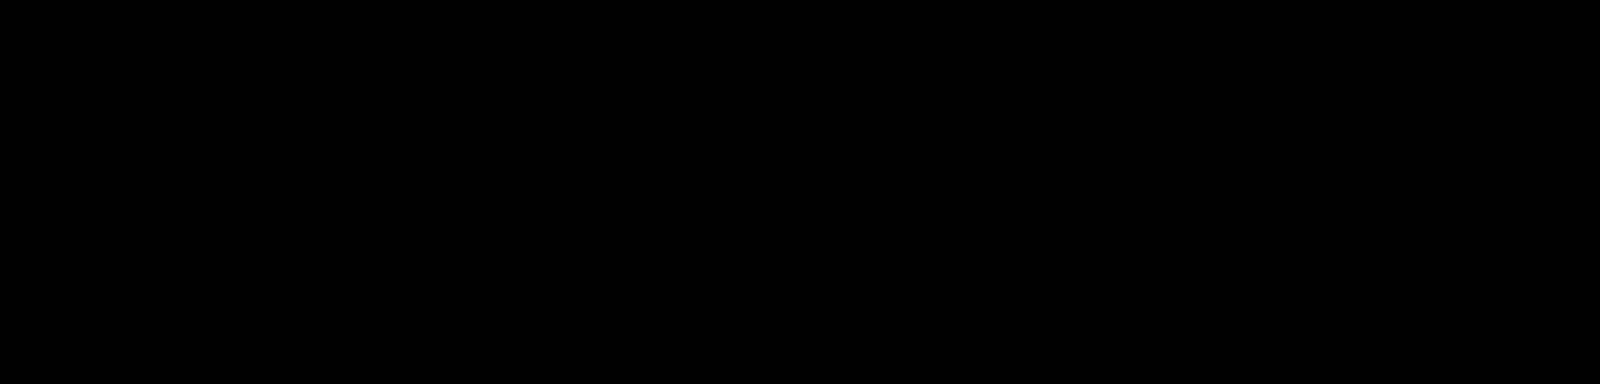 Rimbasiana